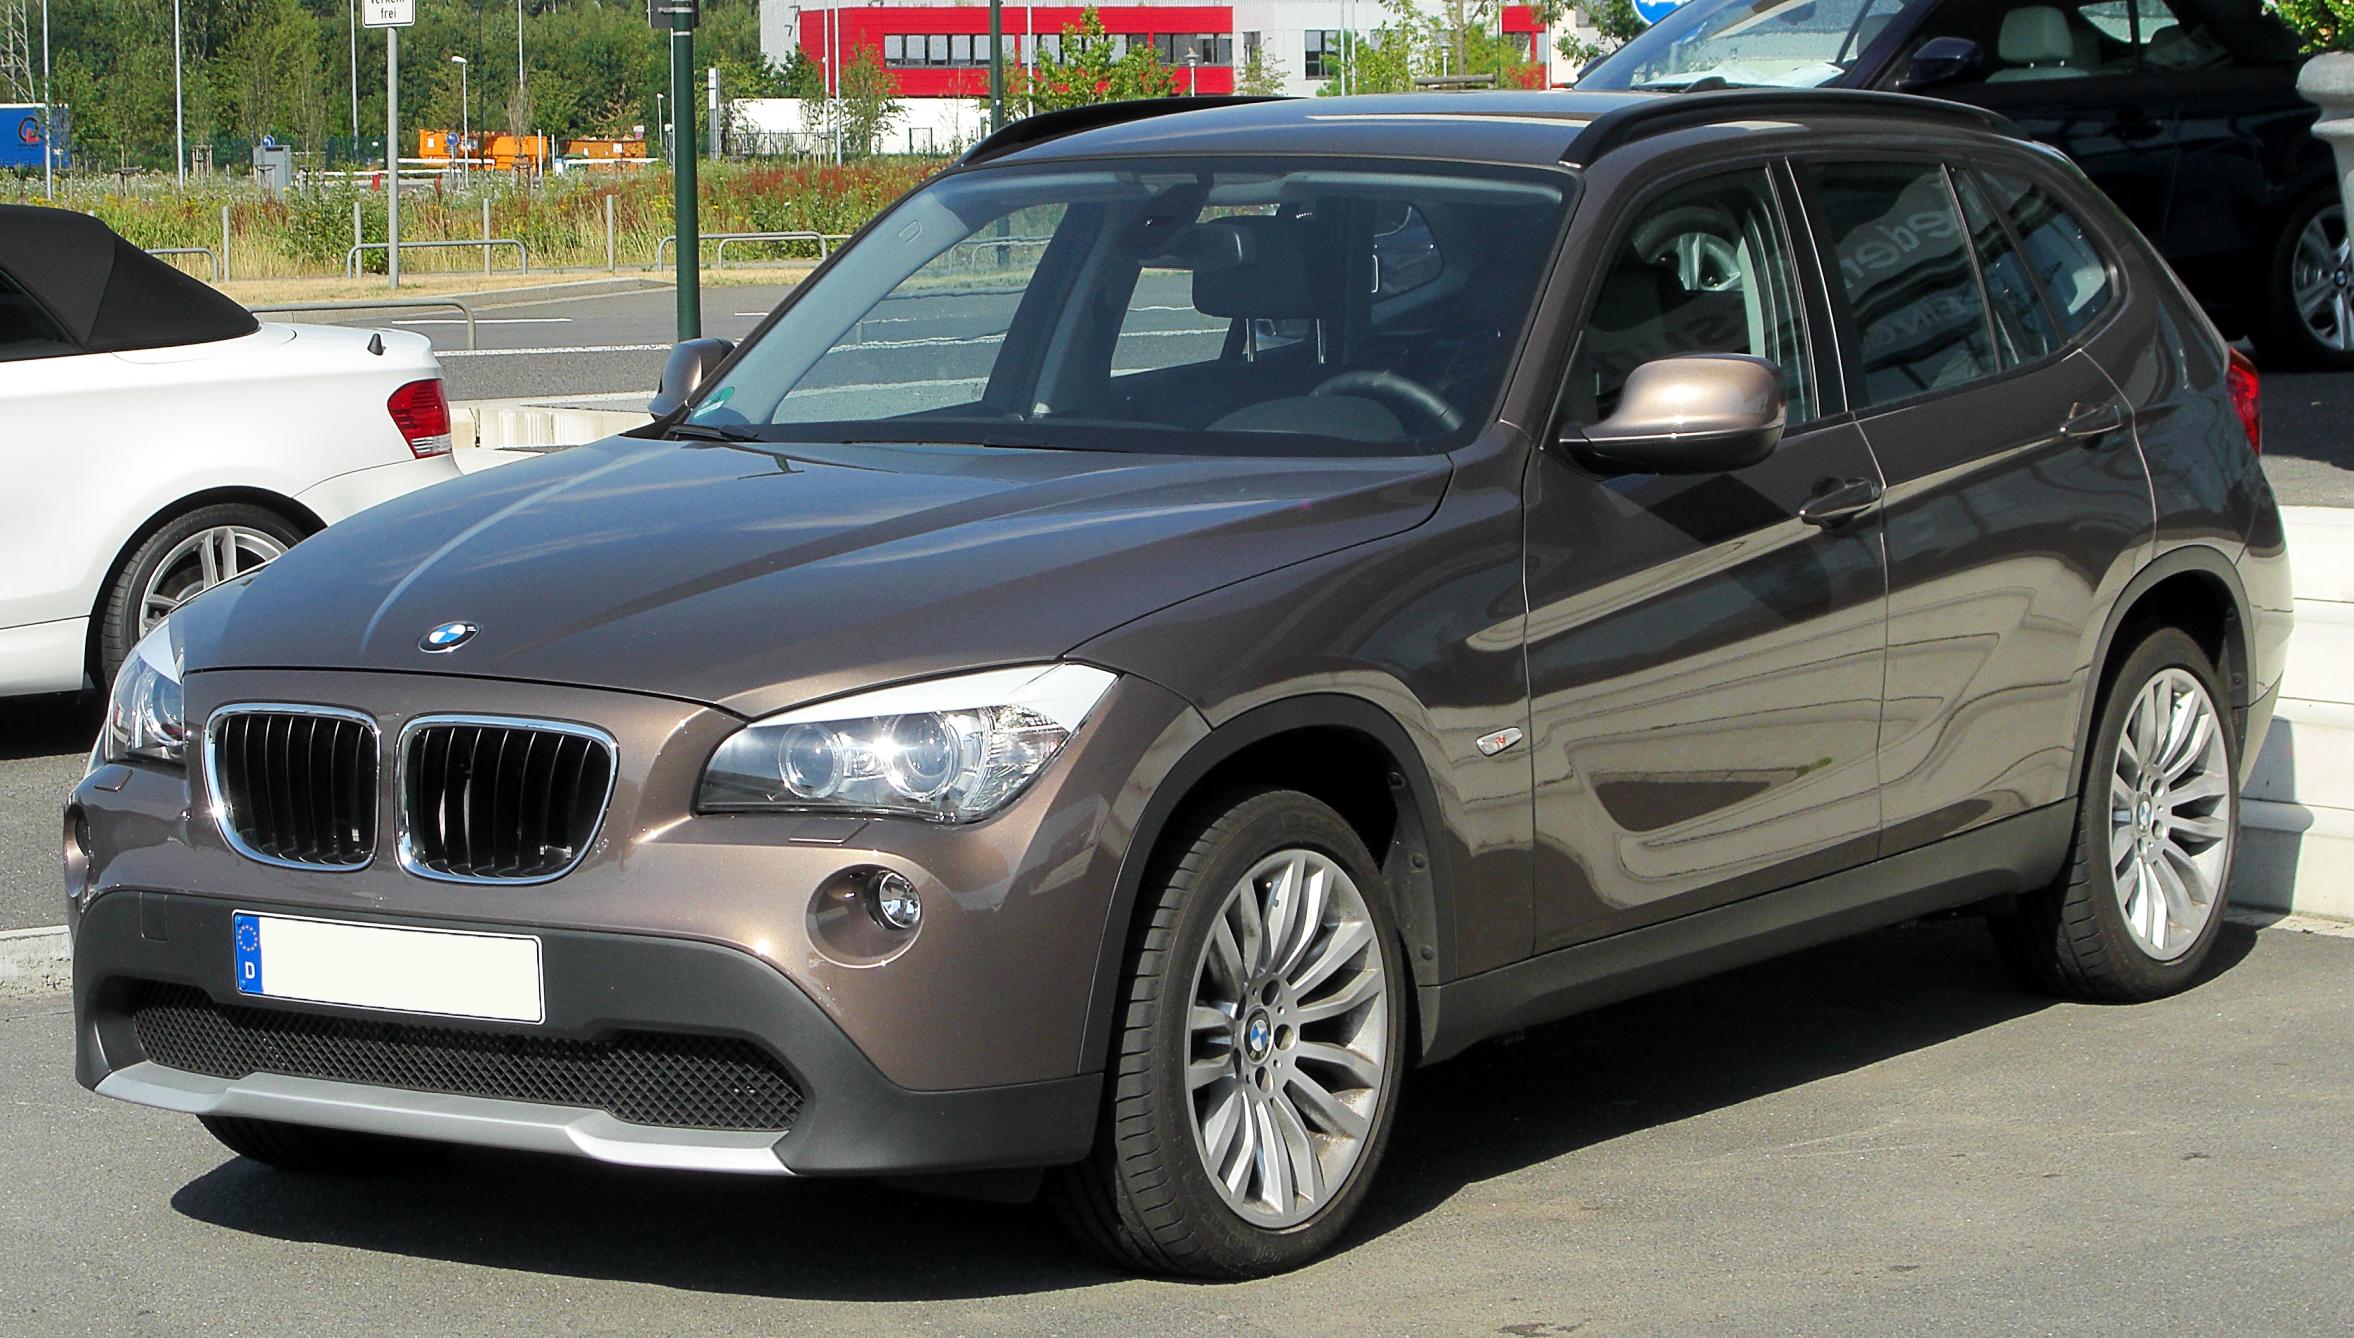 BMW_X1_front-1_20100718.jpg